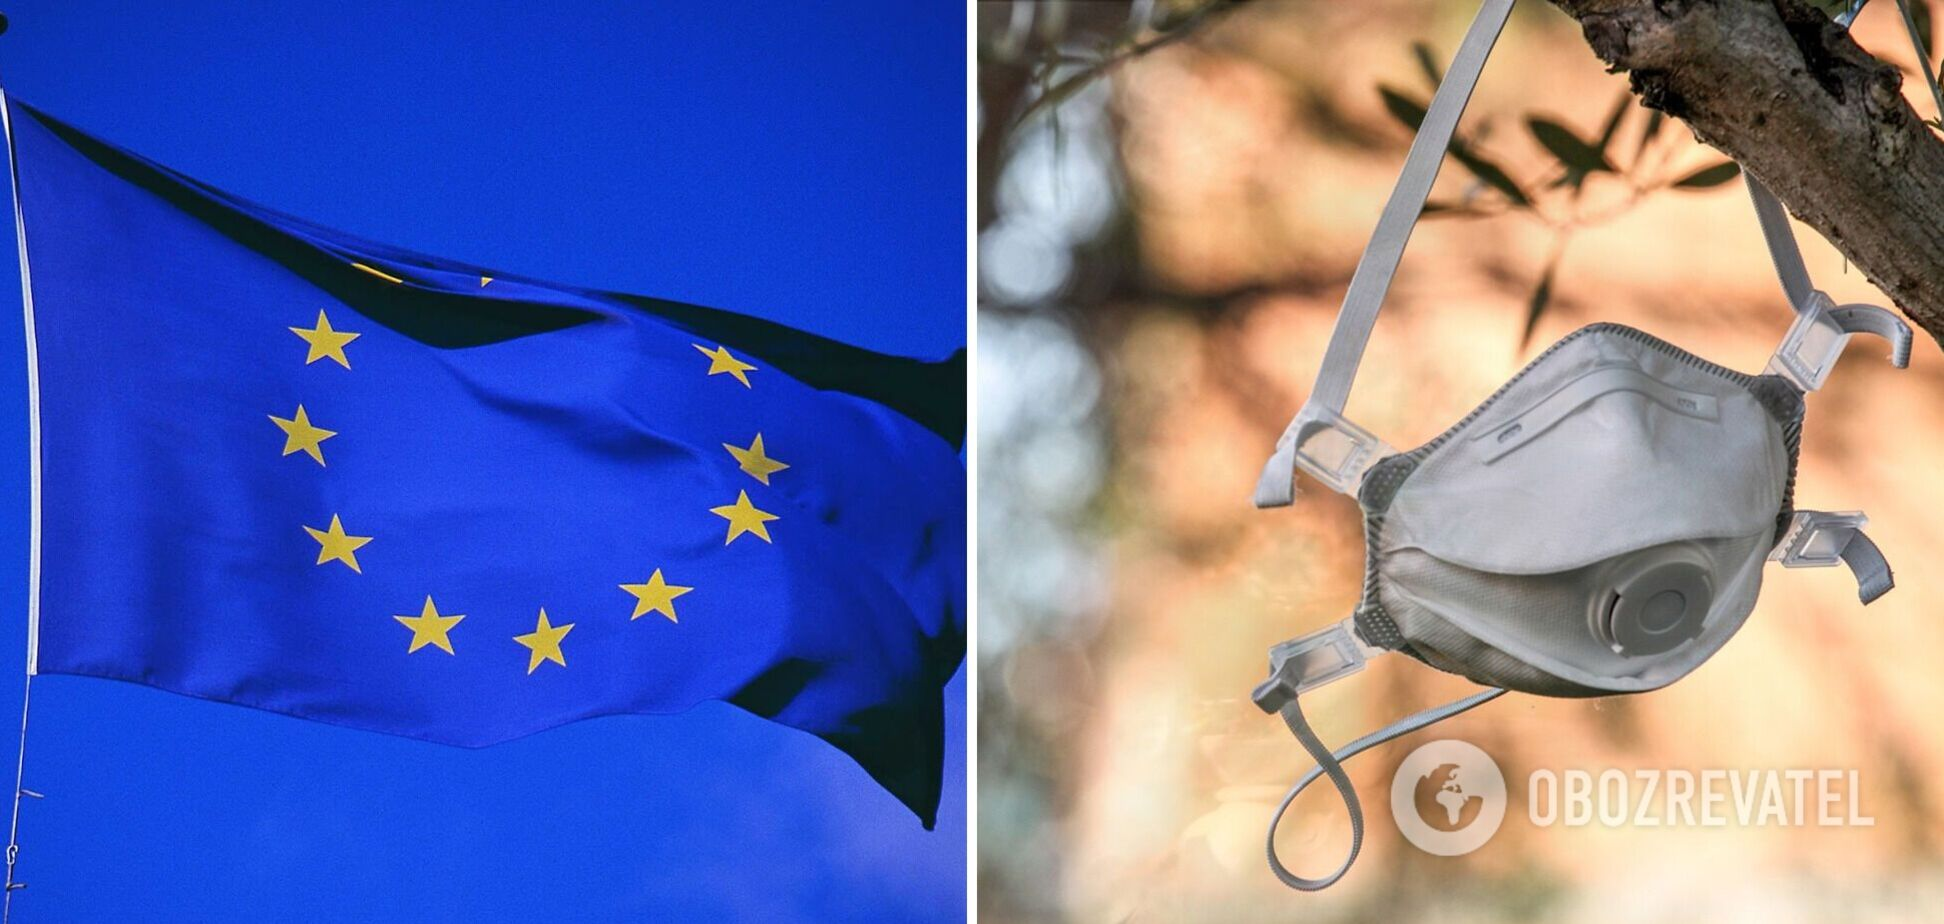 Євросоюз розширив список країн, громадянам яких дозволено в'їзд: чи увійшла до нього Україна